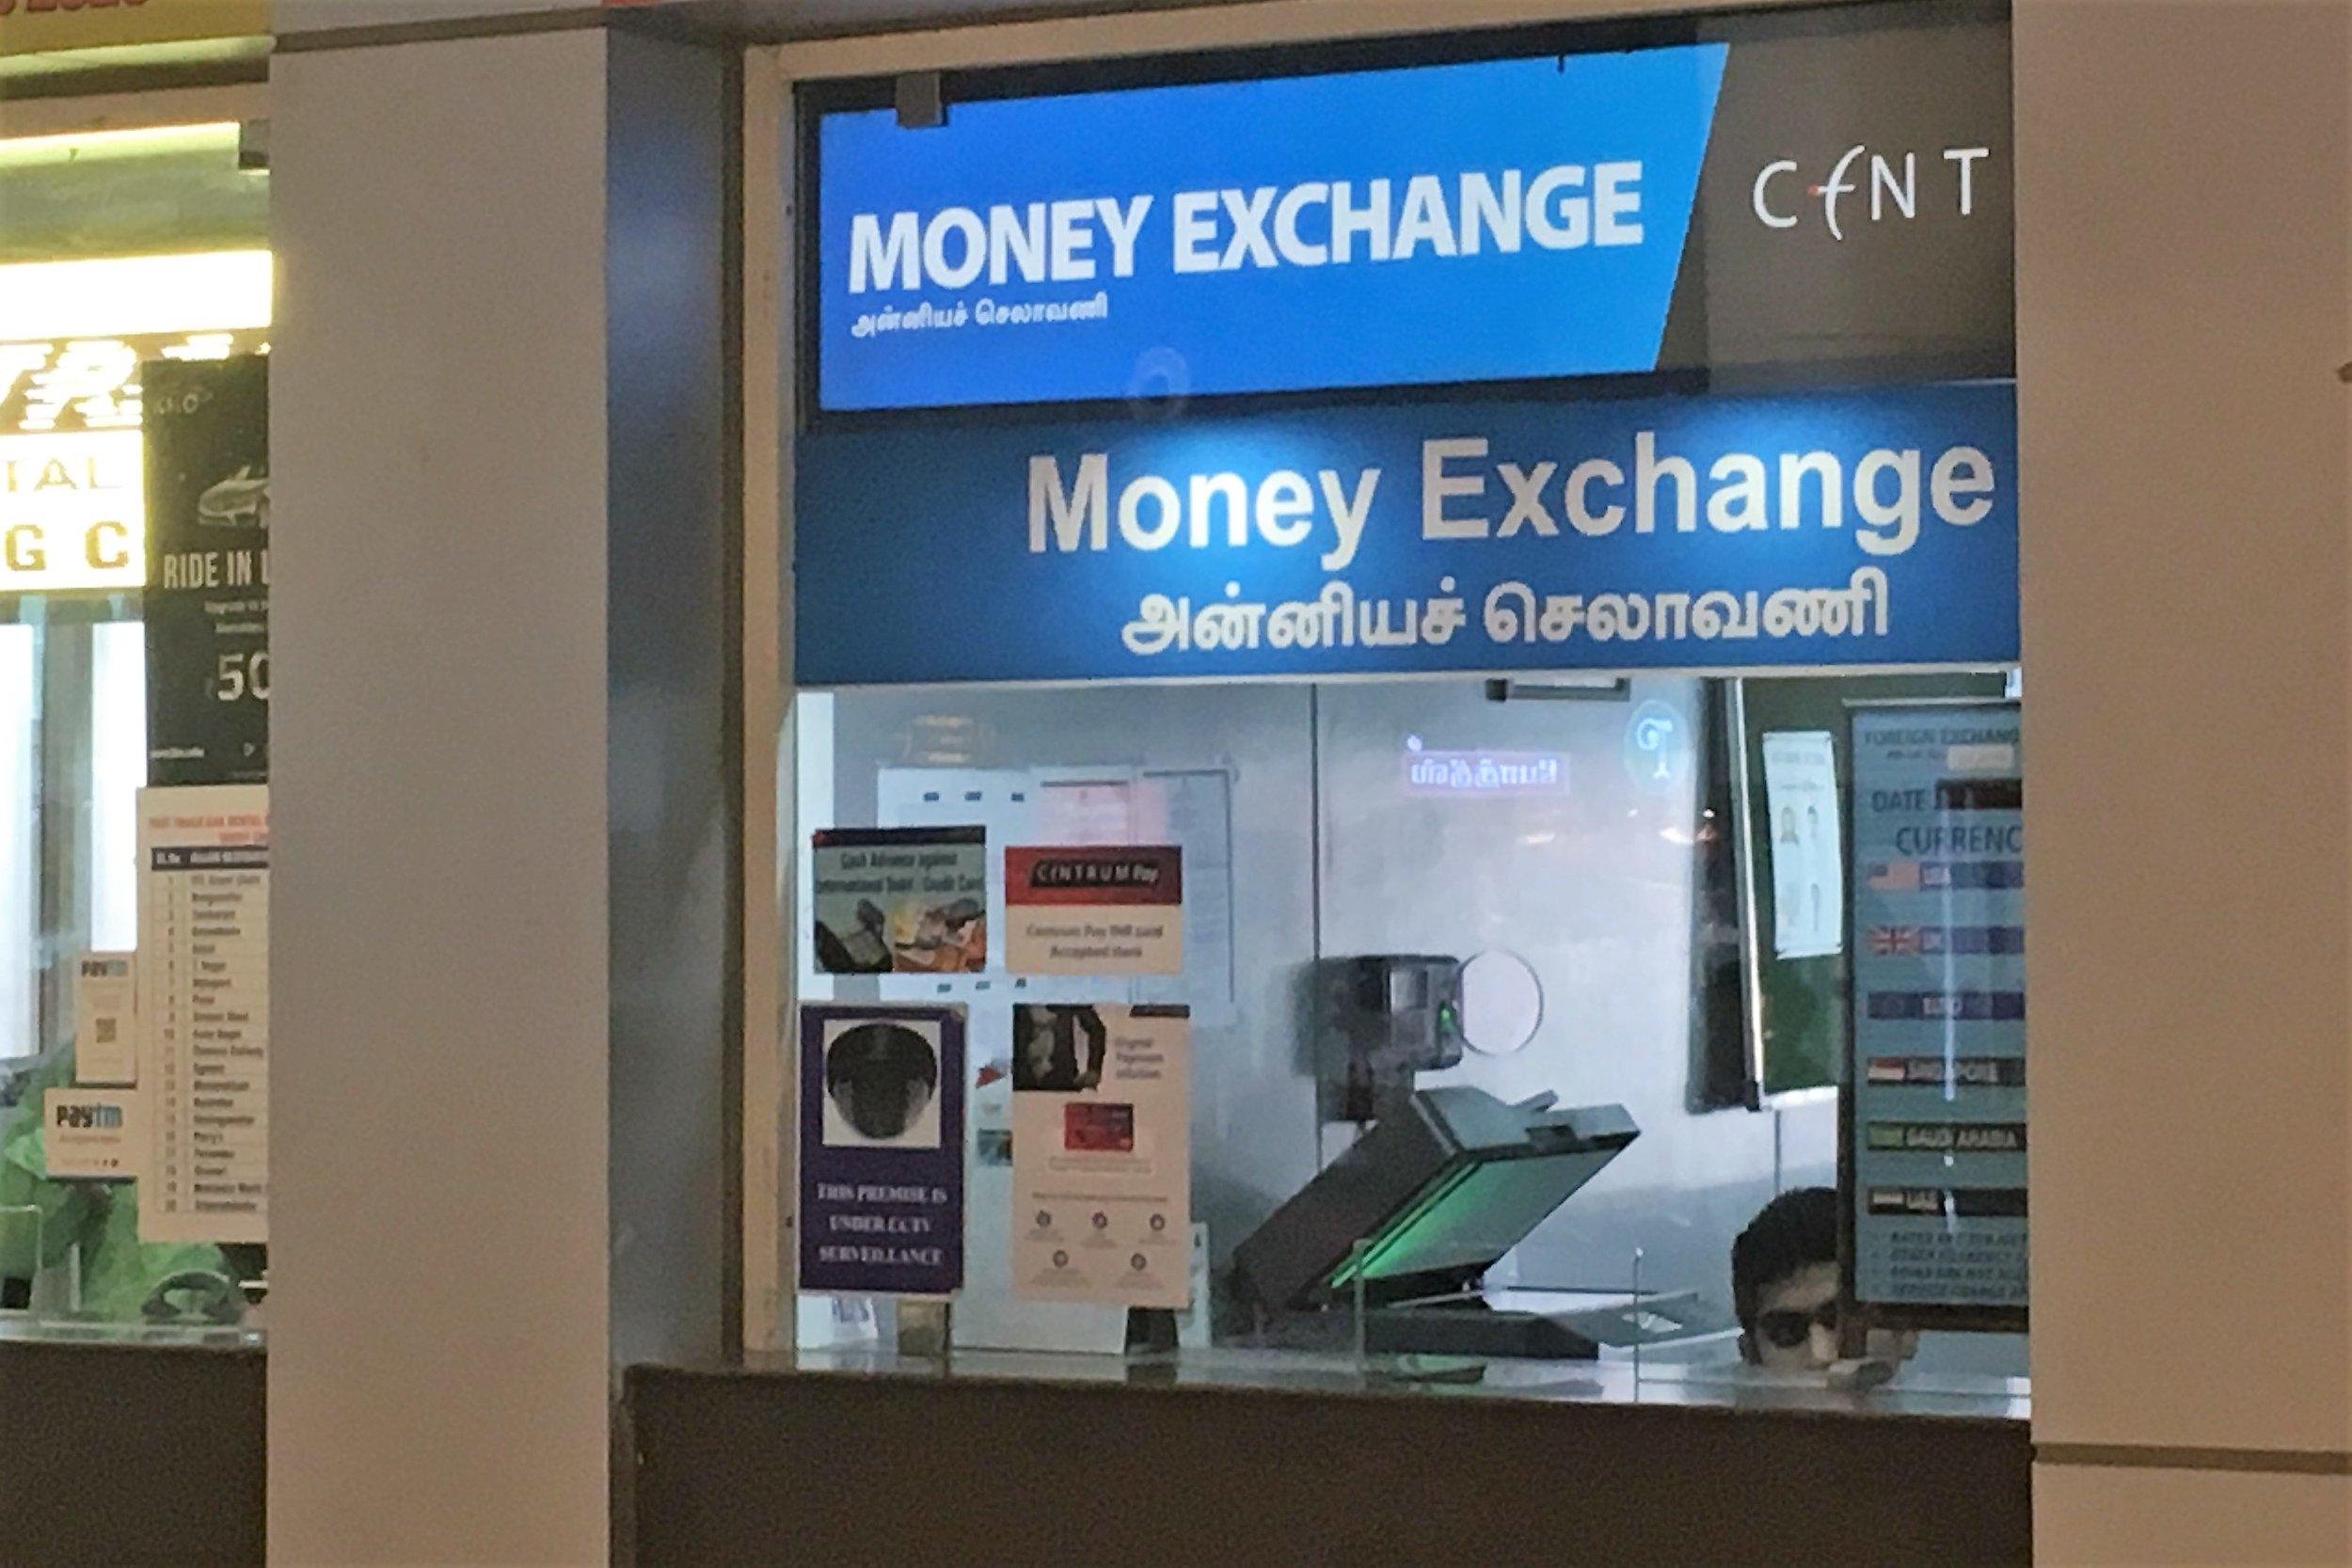 Ensimmäinen rahanvaihtopiste joka oli auki ja vaihtoi Euroja löytyi Chennain lentokentältä. Kerralla sai vaihtaa max. 70 euroa ja kurssi oli lähinnälaillista ryöstöä, mutta minkäs teet kun ei ole vaihtoehtoja... Kurssitaulukko, josta näkyisi päivän kurssi oli tietysti sammutettu, joten veikkaan että sen hetkinen tilanne määräytyy naamakertoimen mukaan :)